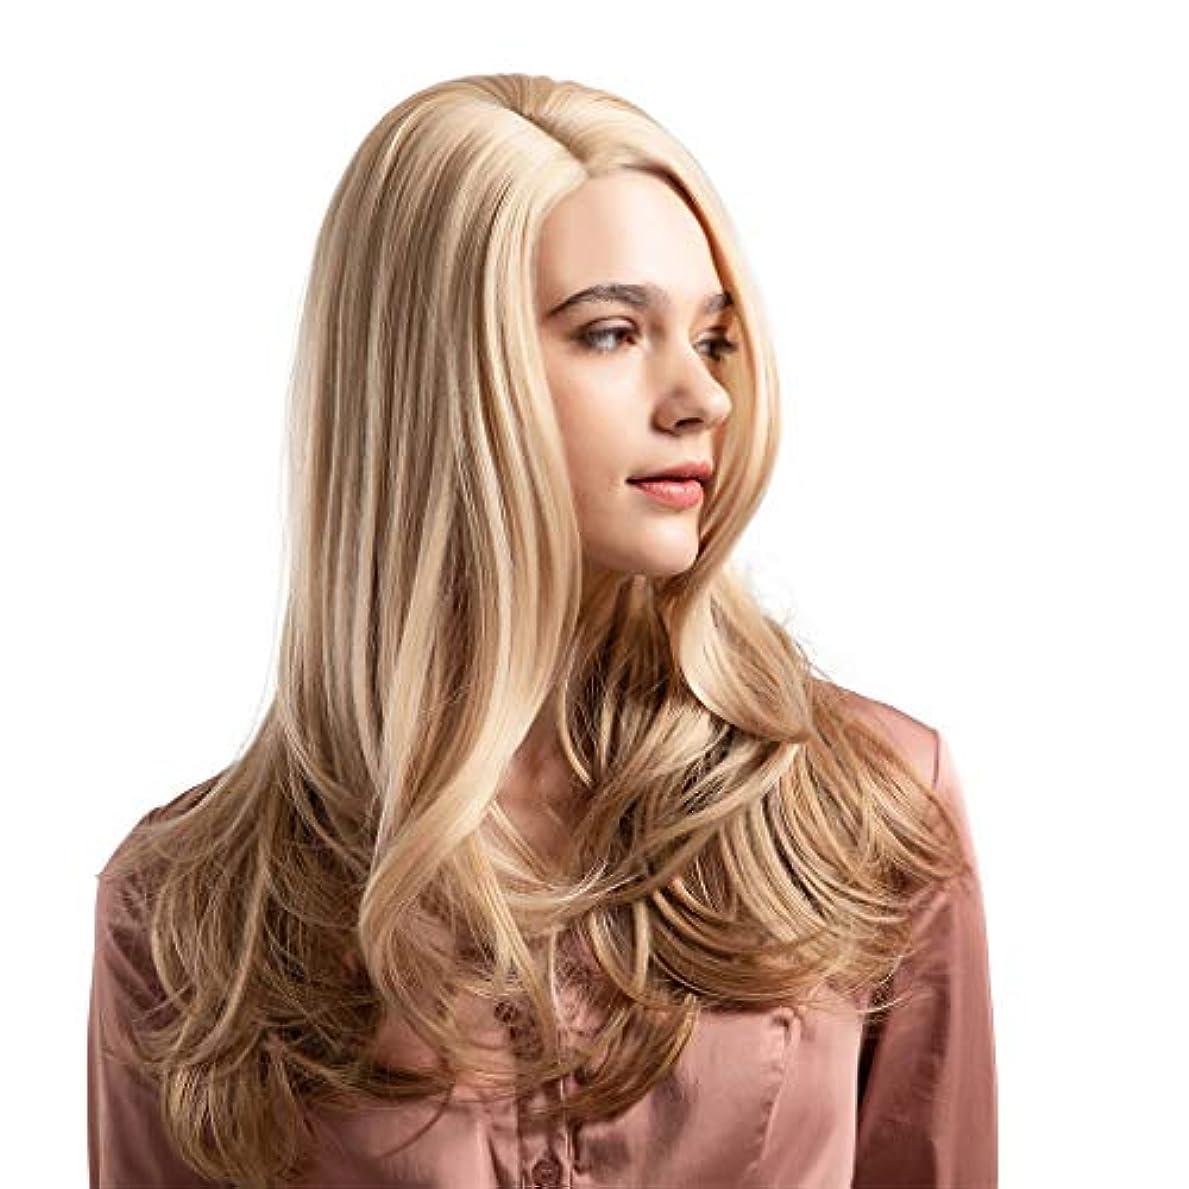 明日励起マスタードウィッグ女性黄金の大きな波状の巻き毛の高温シルクウィッグ22インチ